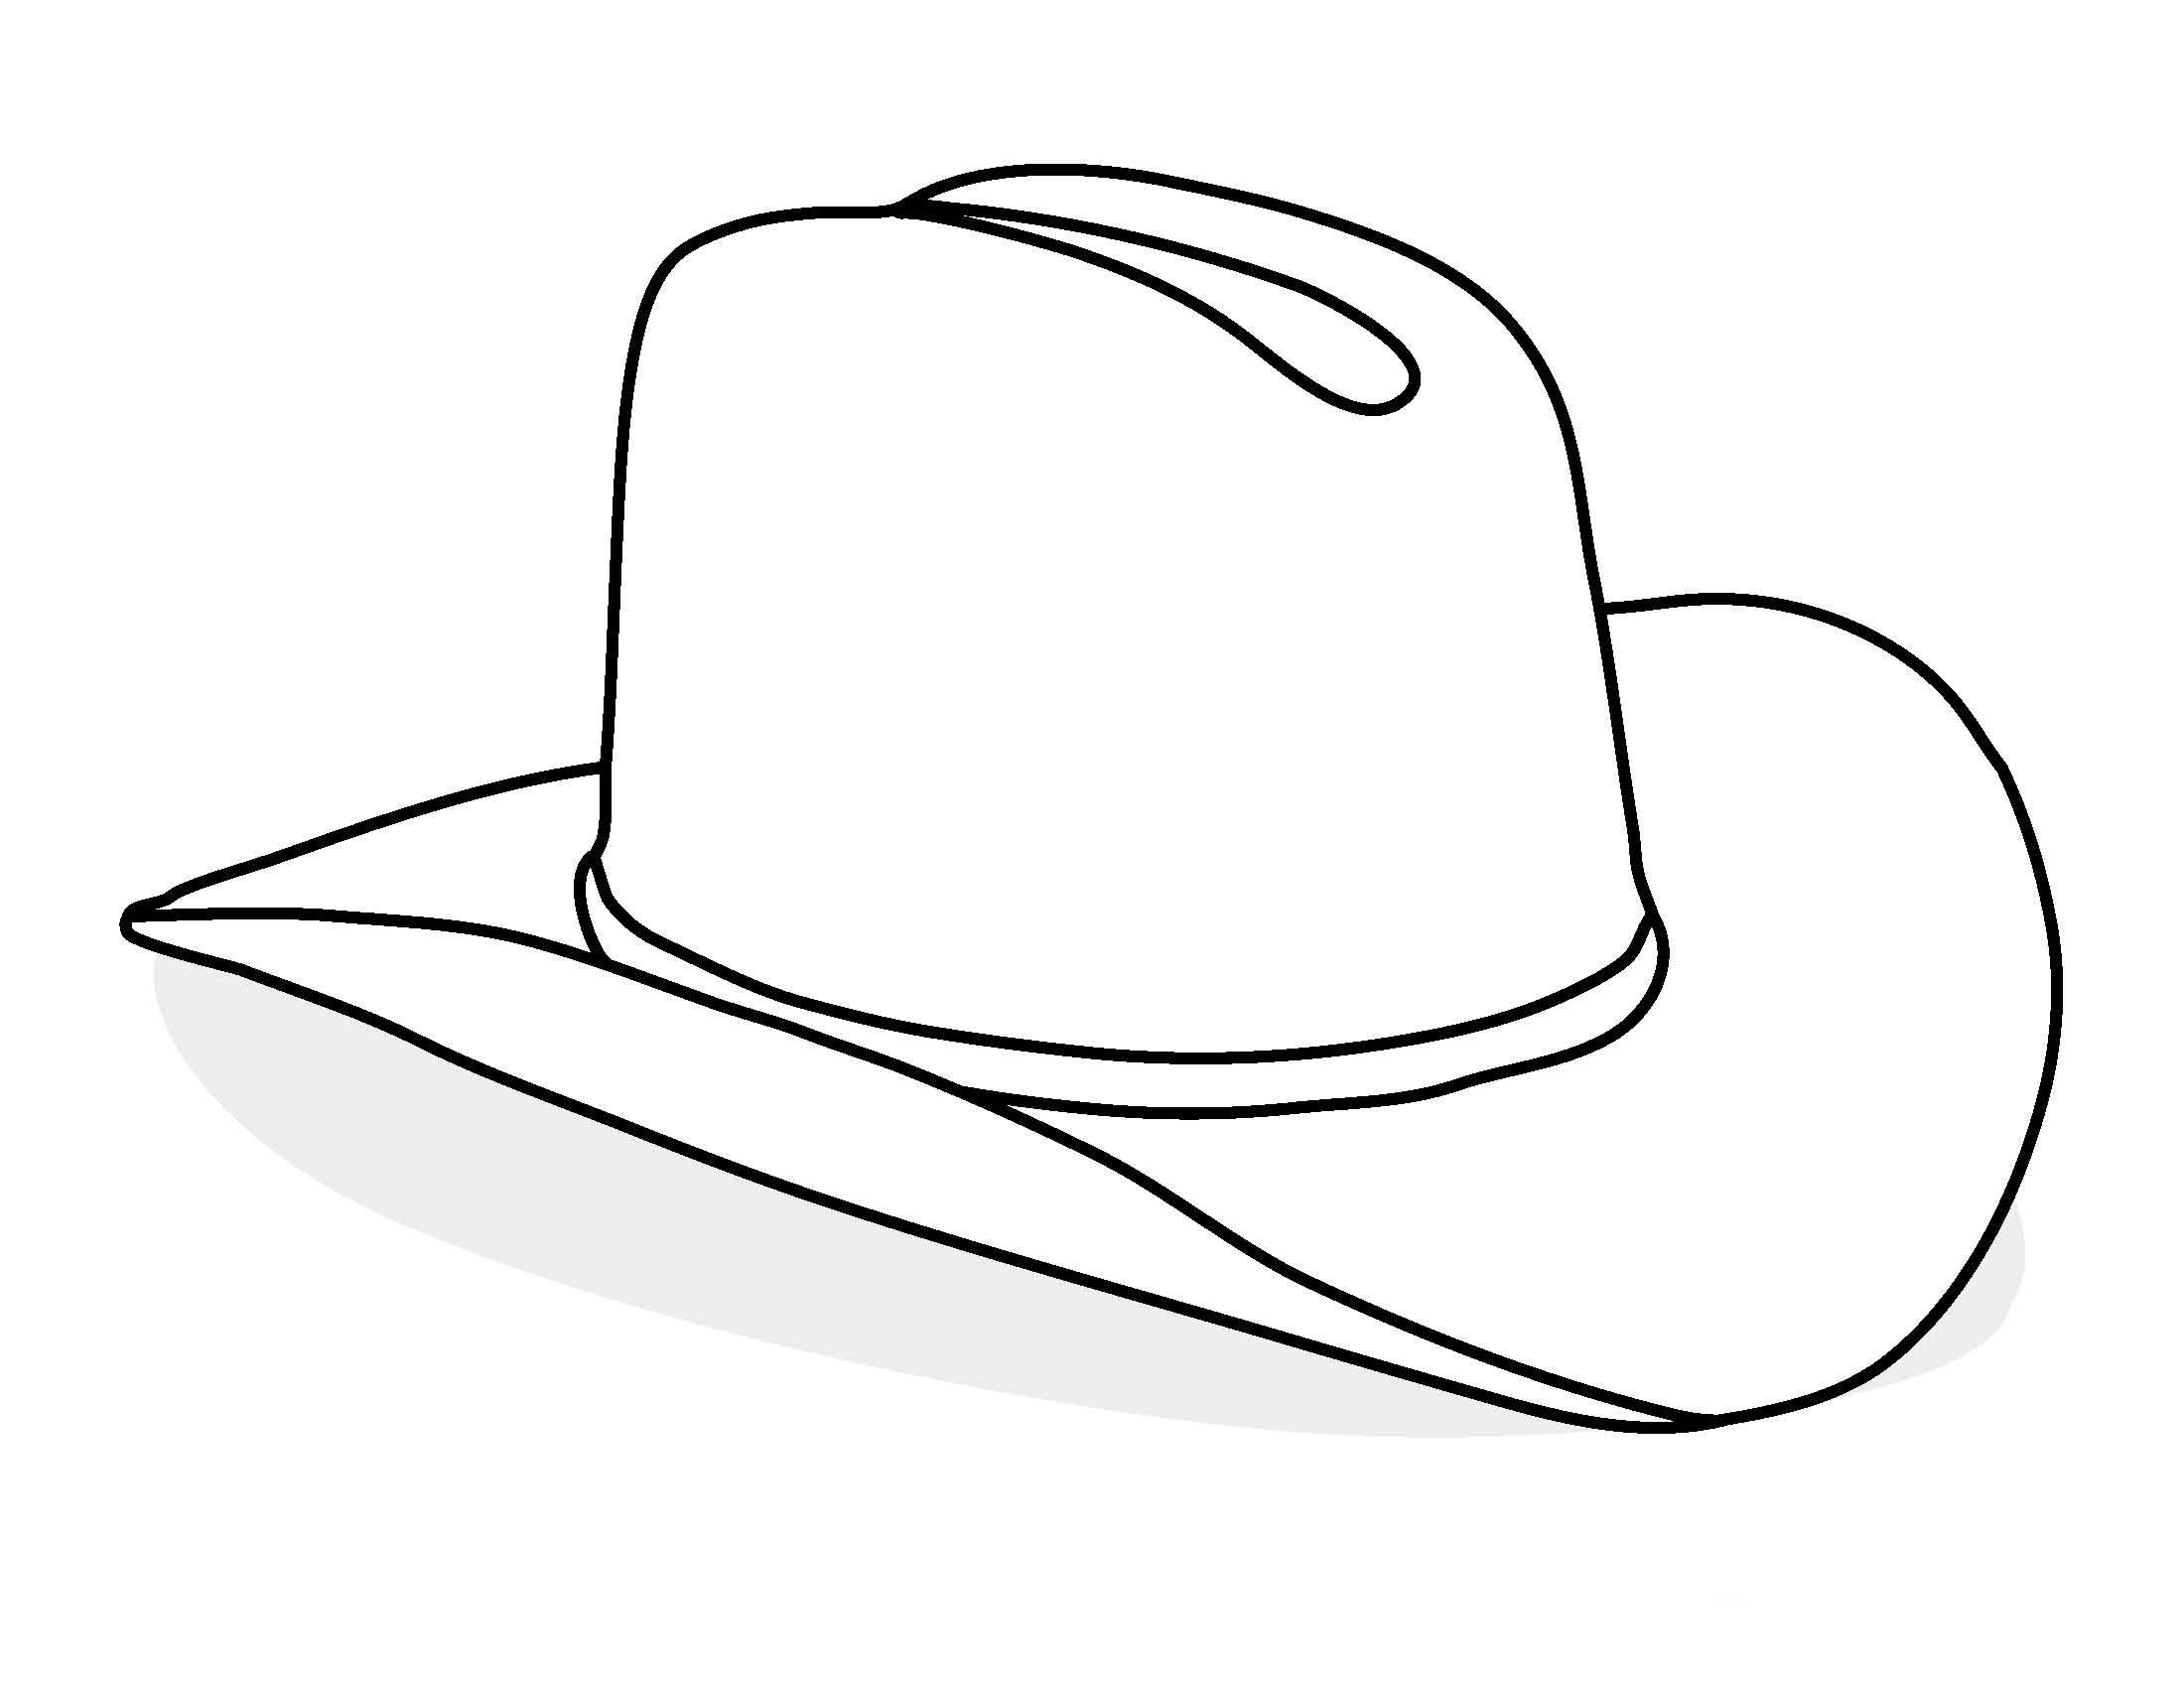 Картинка шляпа раскраска для детей